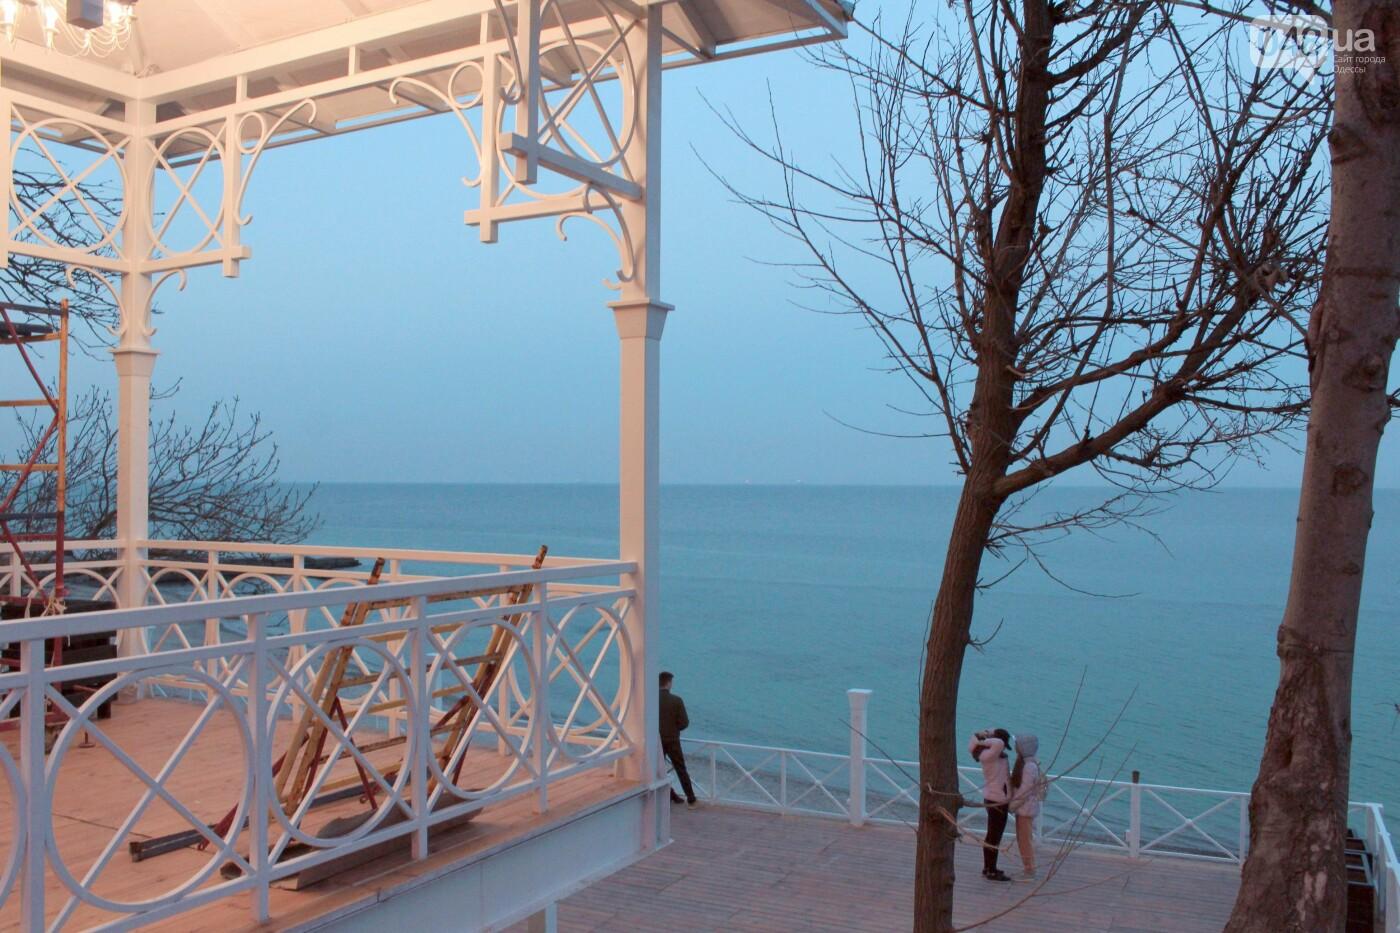 Апрель, Одесса, пляж: закат раскрасил море лазурными красками,- ФОТОПЯТНИЦА, фото-18